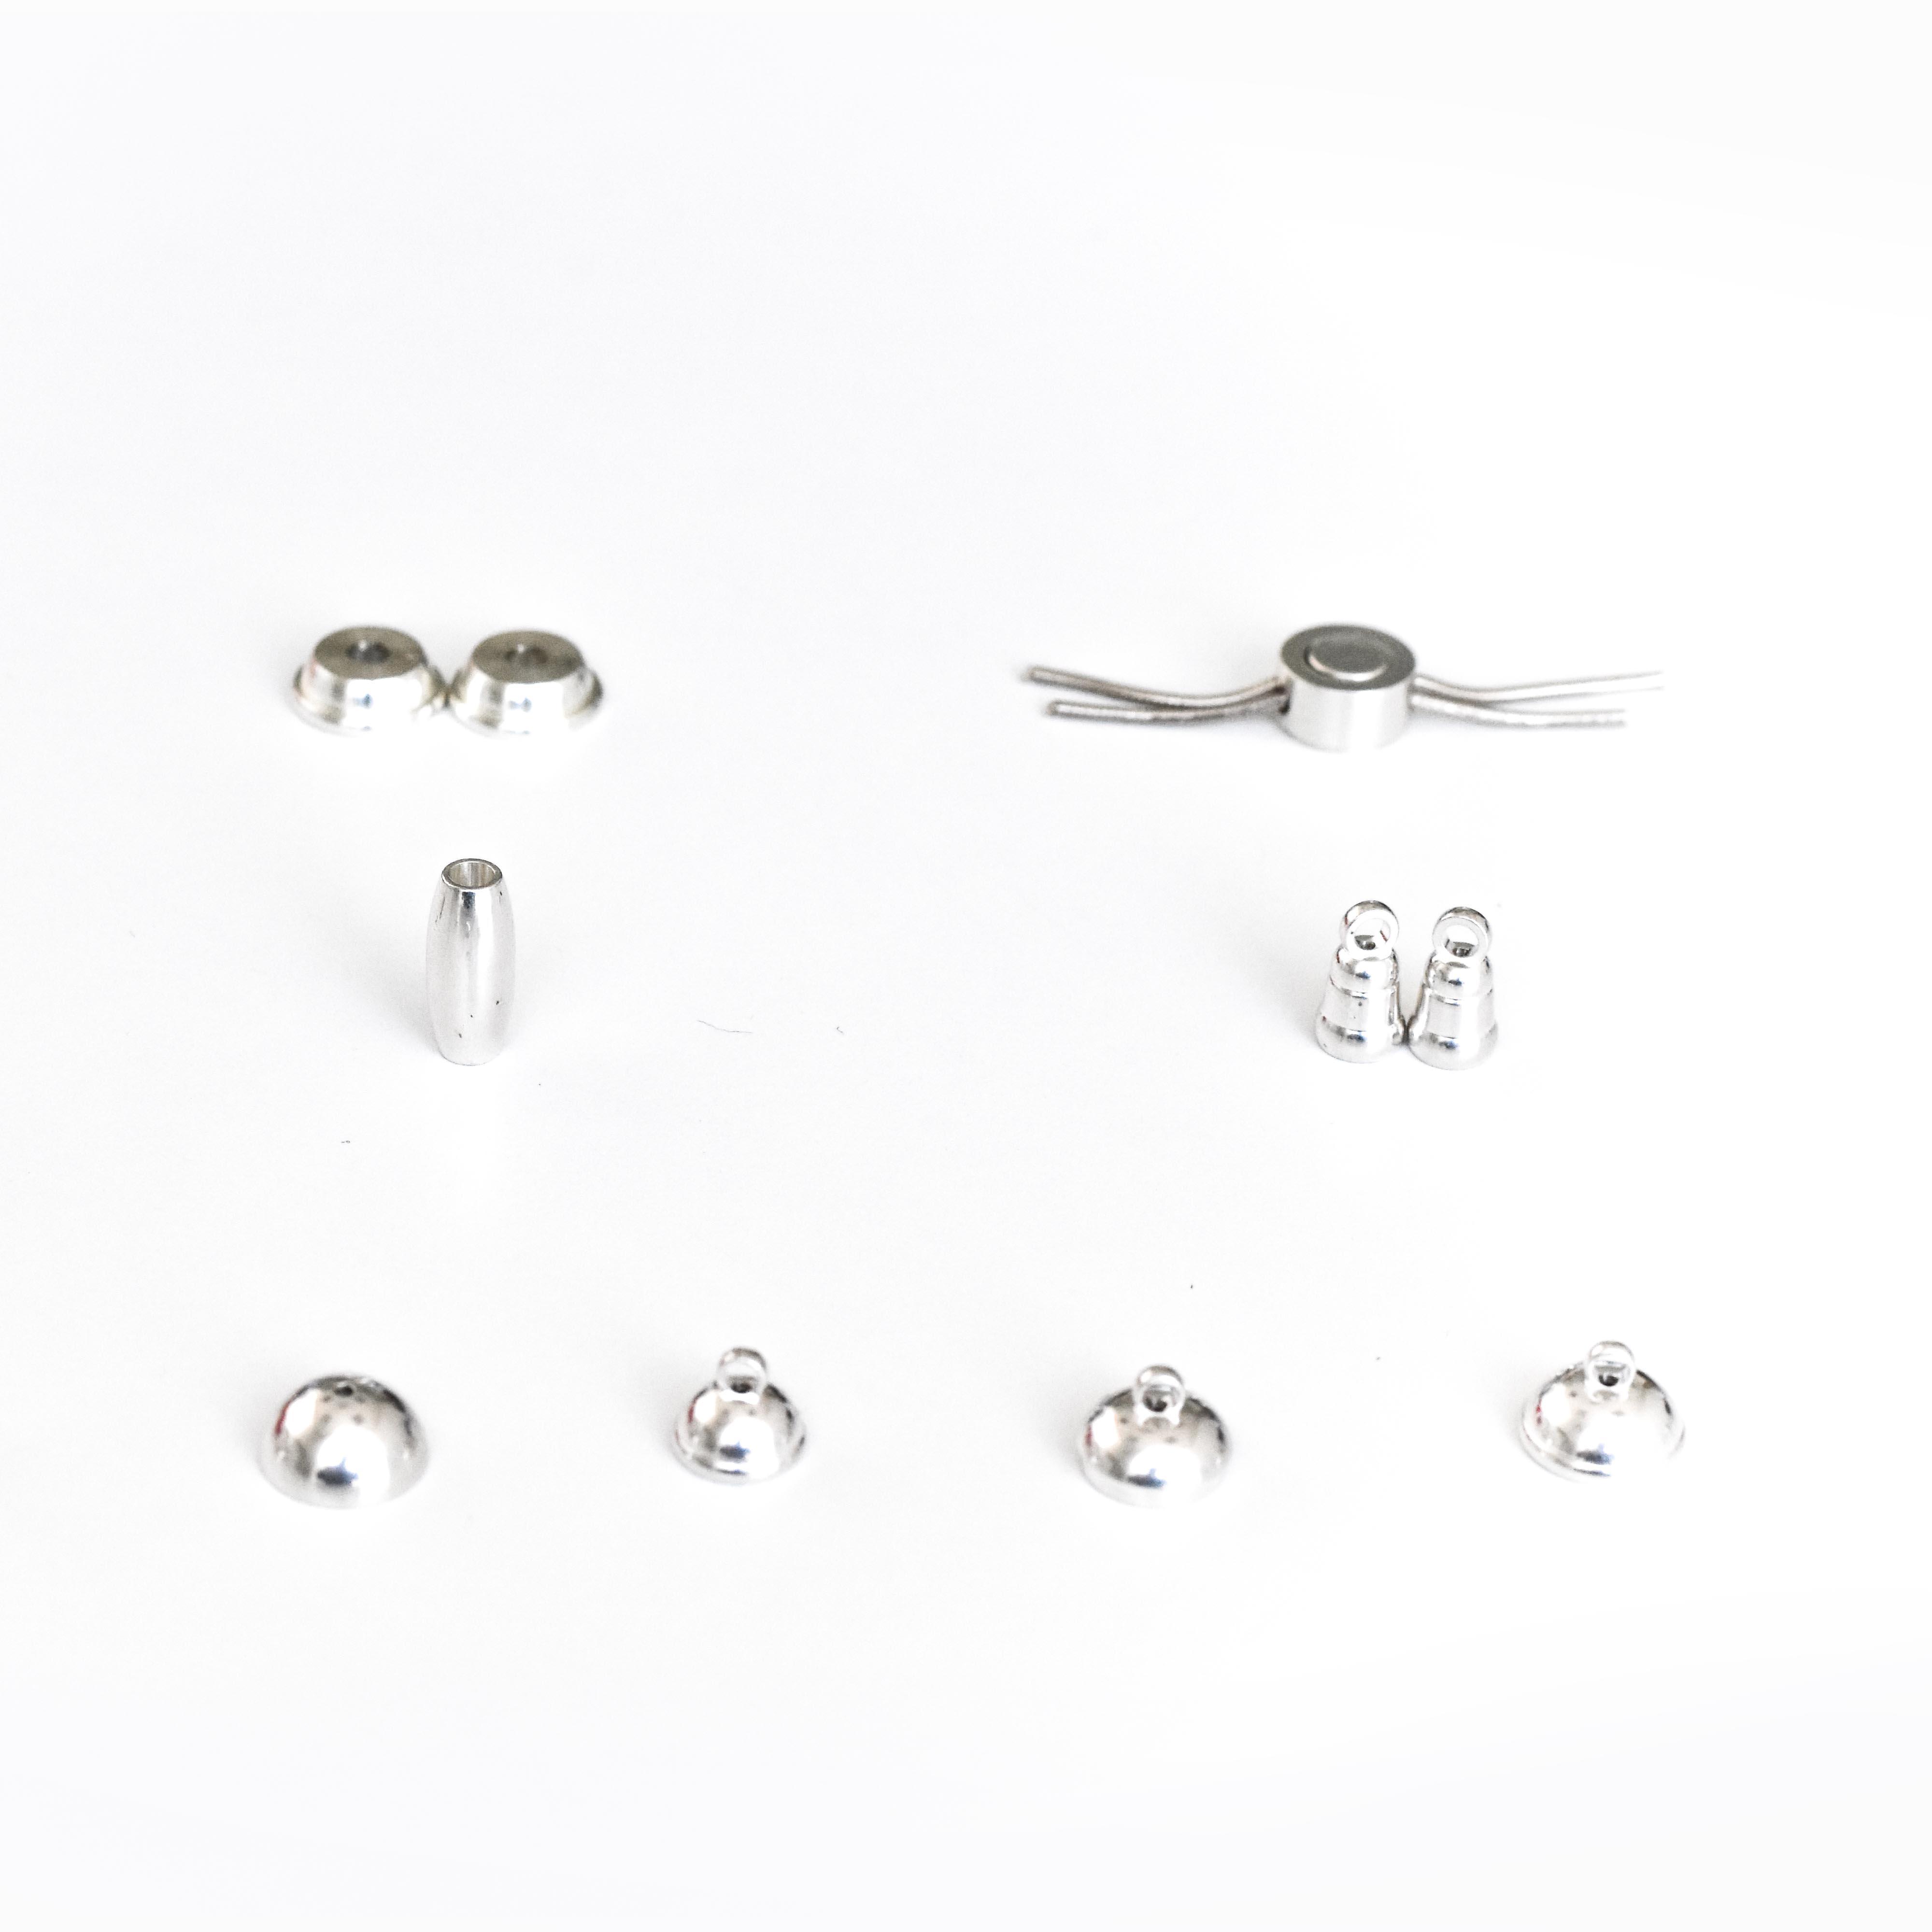 Componenti per chiusure magnetiche e pulsanti scorrevoli in argento